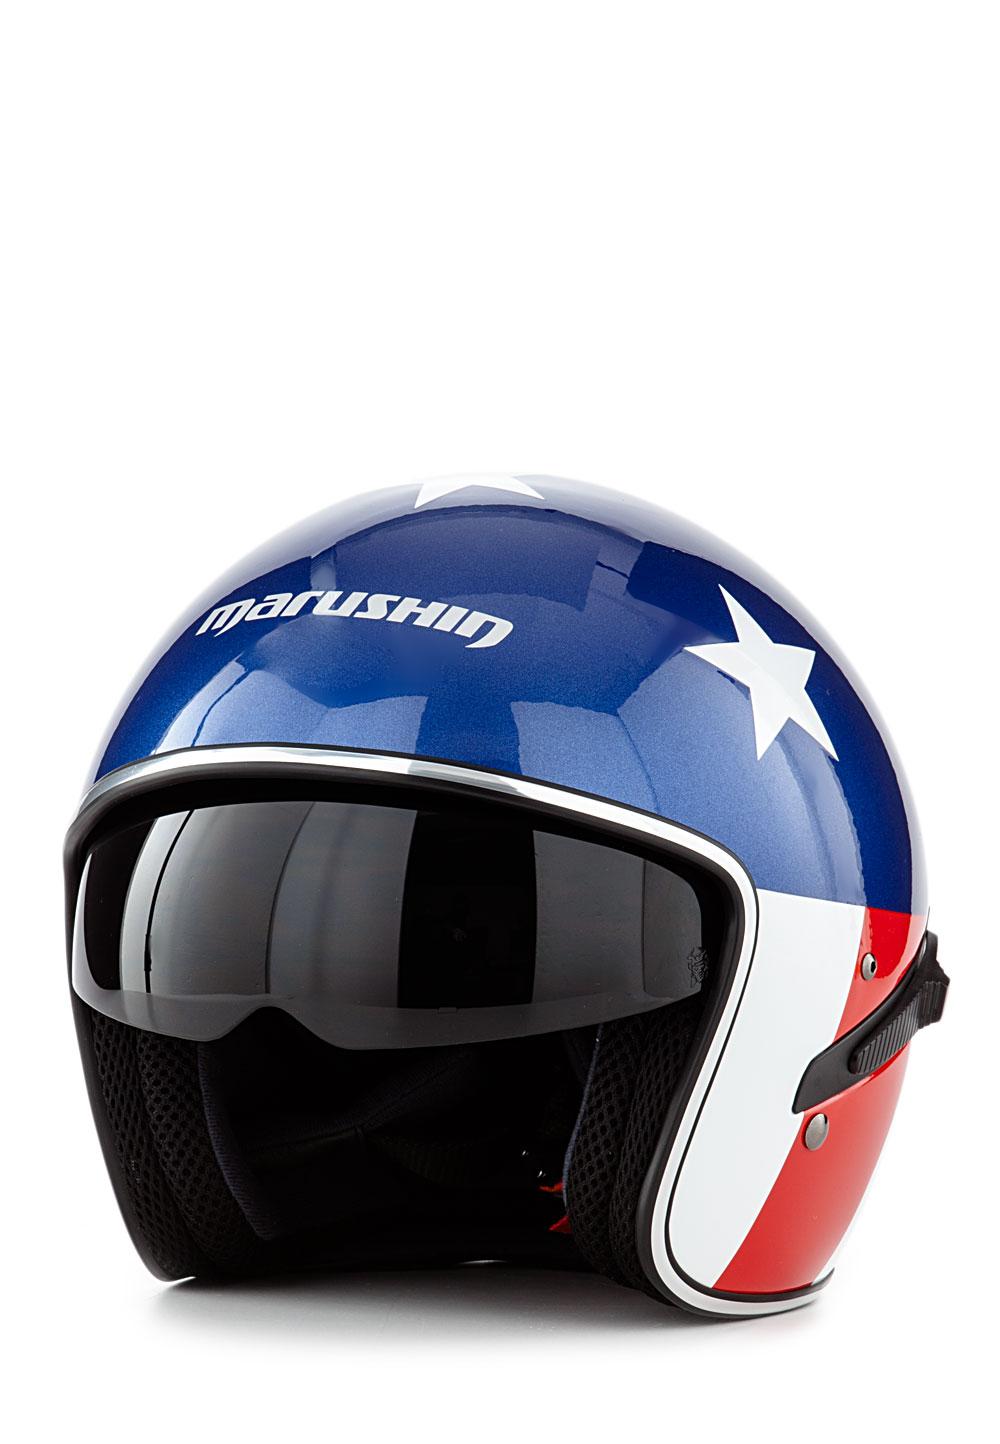 marushin motorradhelm cb139 rider wei blau rot online g nstig bestellen. Black Bedroom Furniture Sets. Home Design Ideas